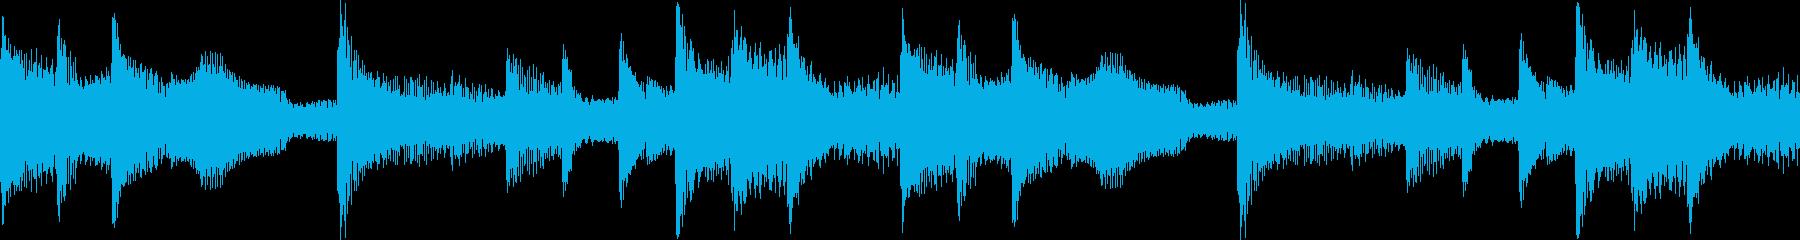 ピコピコ可愛い雰囲気/ファミコンの再生済みの波形